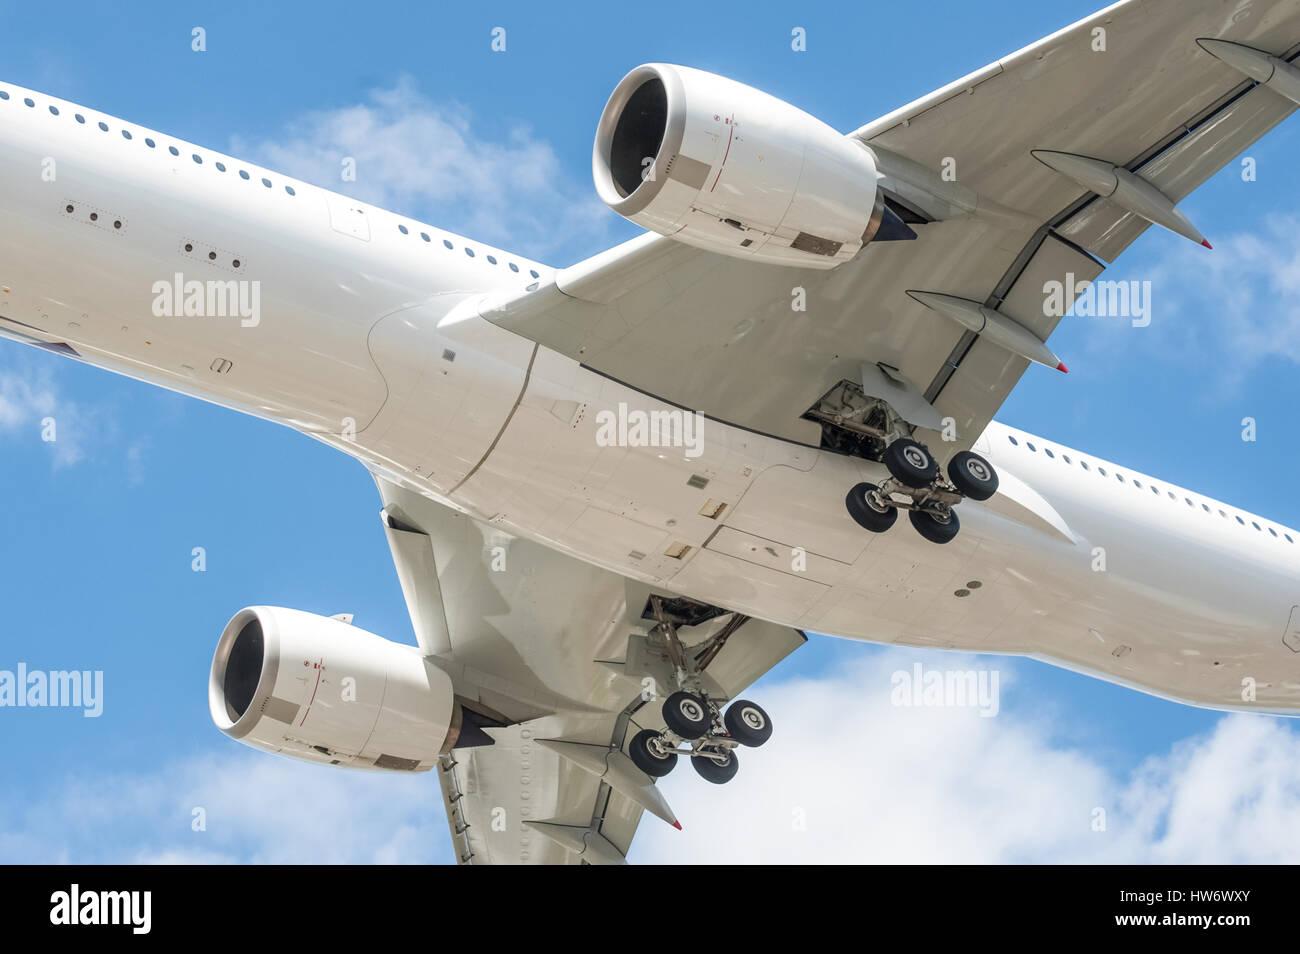 Primer plano de un gran tren de aterrizaje de aviones de pasajeros - sin marcas visibles Imagen De Stock